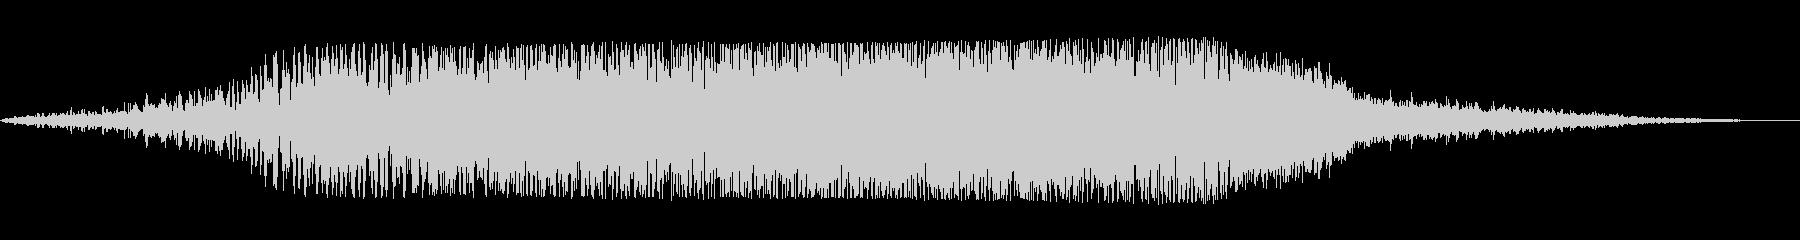 ビューン(神聖な響きの魔法音)の未再生の波形